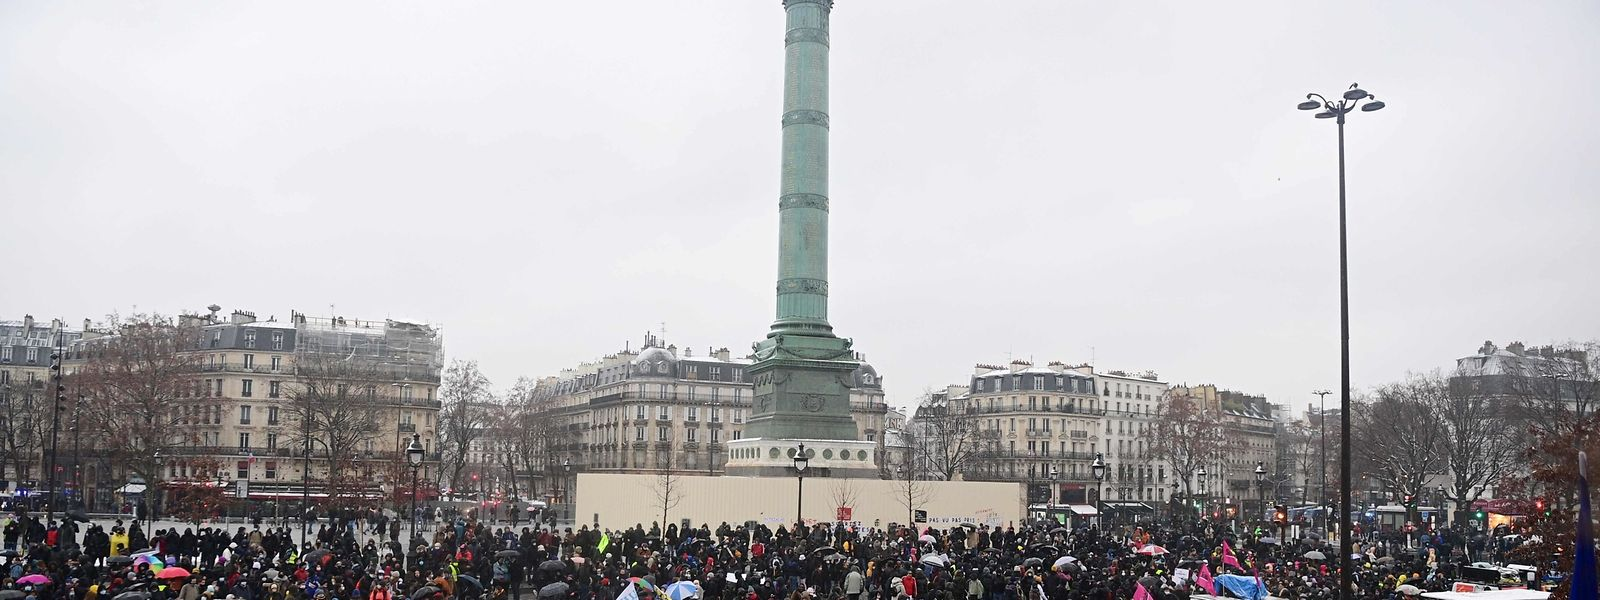 Auf der Place de la Bastille sammelten sich Tausende Gegner des umstrittenen Gesetzes.